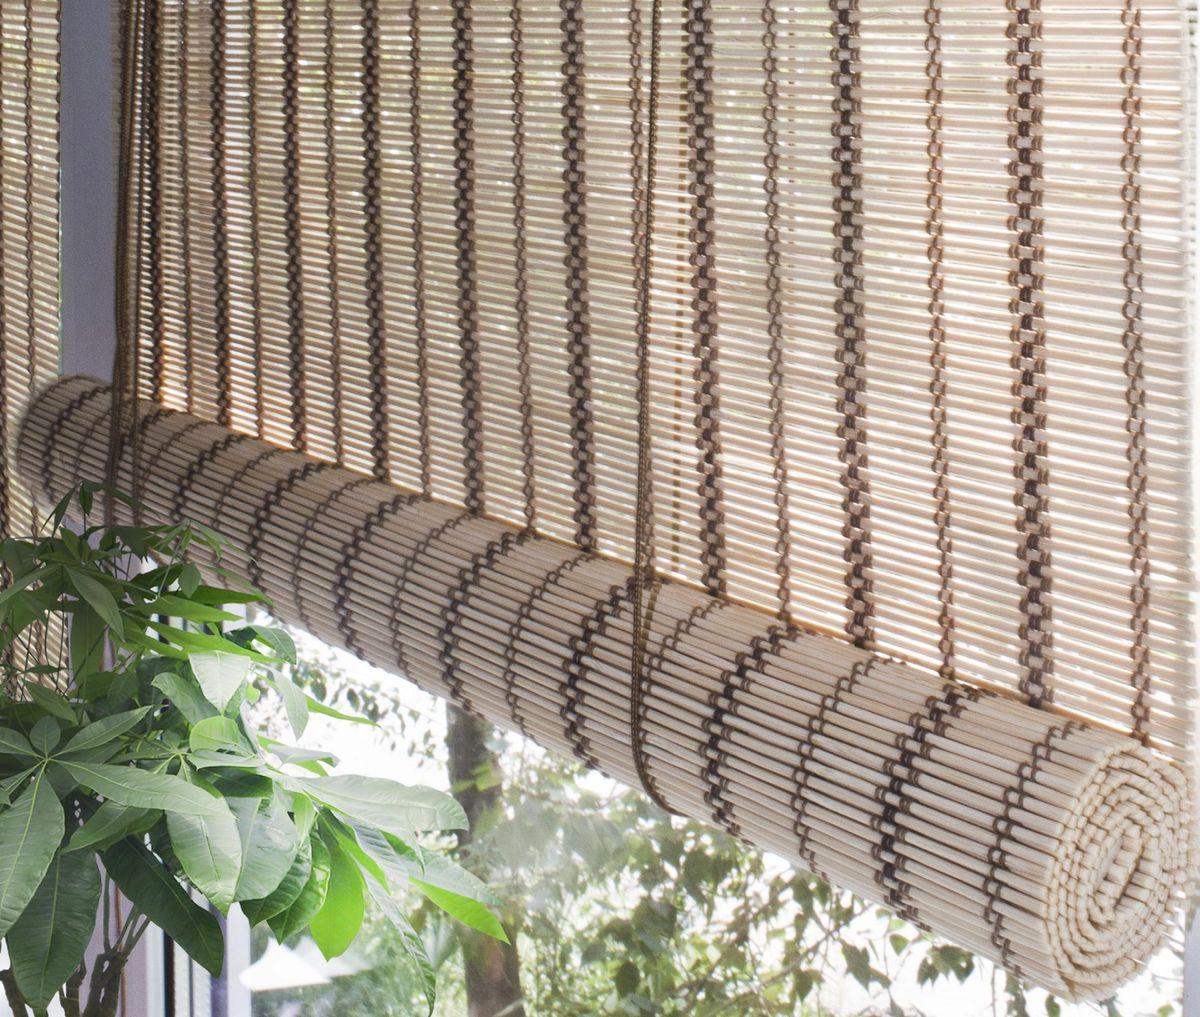 Штора рулонная Эскар Бамбук, цвет: песочный, ширина 100 см, высота 160 см70141100160При оформлении интерьера современных помещений многие отдают предпочтение природным материалам. Бамбуковые рулонные шторы – одно из натуральных изделий, способное сделать атмосферу помещения более уютной и в то же время необычной. Свойства бамбука уникальны: он экологически чист, так как быстро вырастает, благодаря чему не успевает накопить вредные вещества из окружающей среды. Кроме того, растение обладает противомикробным и антибактериальным действием. Занавеси из бамбука безопасно использовать в помещениях, где находятся новорожденные дети и люди, склонные к аллергии. Они незаменимы для тех, кто заботится о своем здоровье и уделяет внимание высокому уровню жизни.